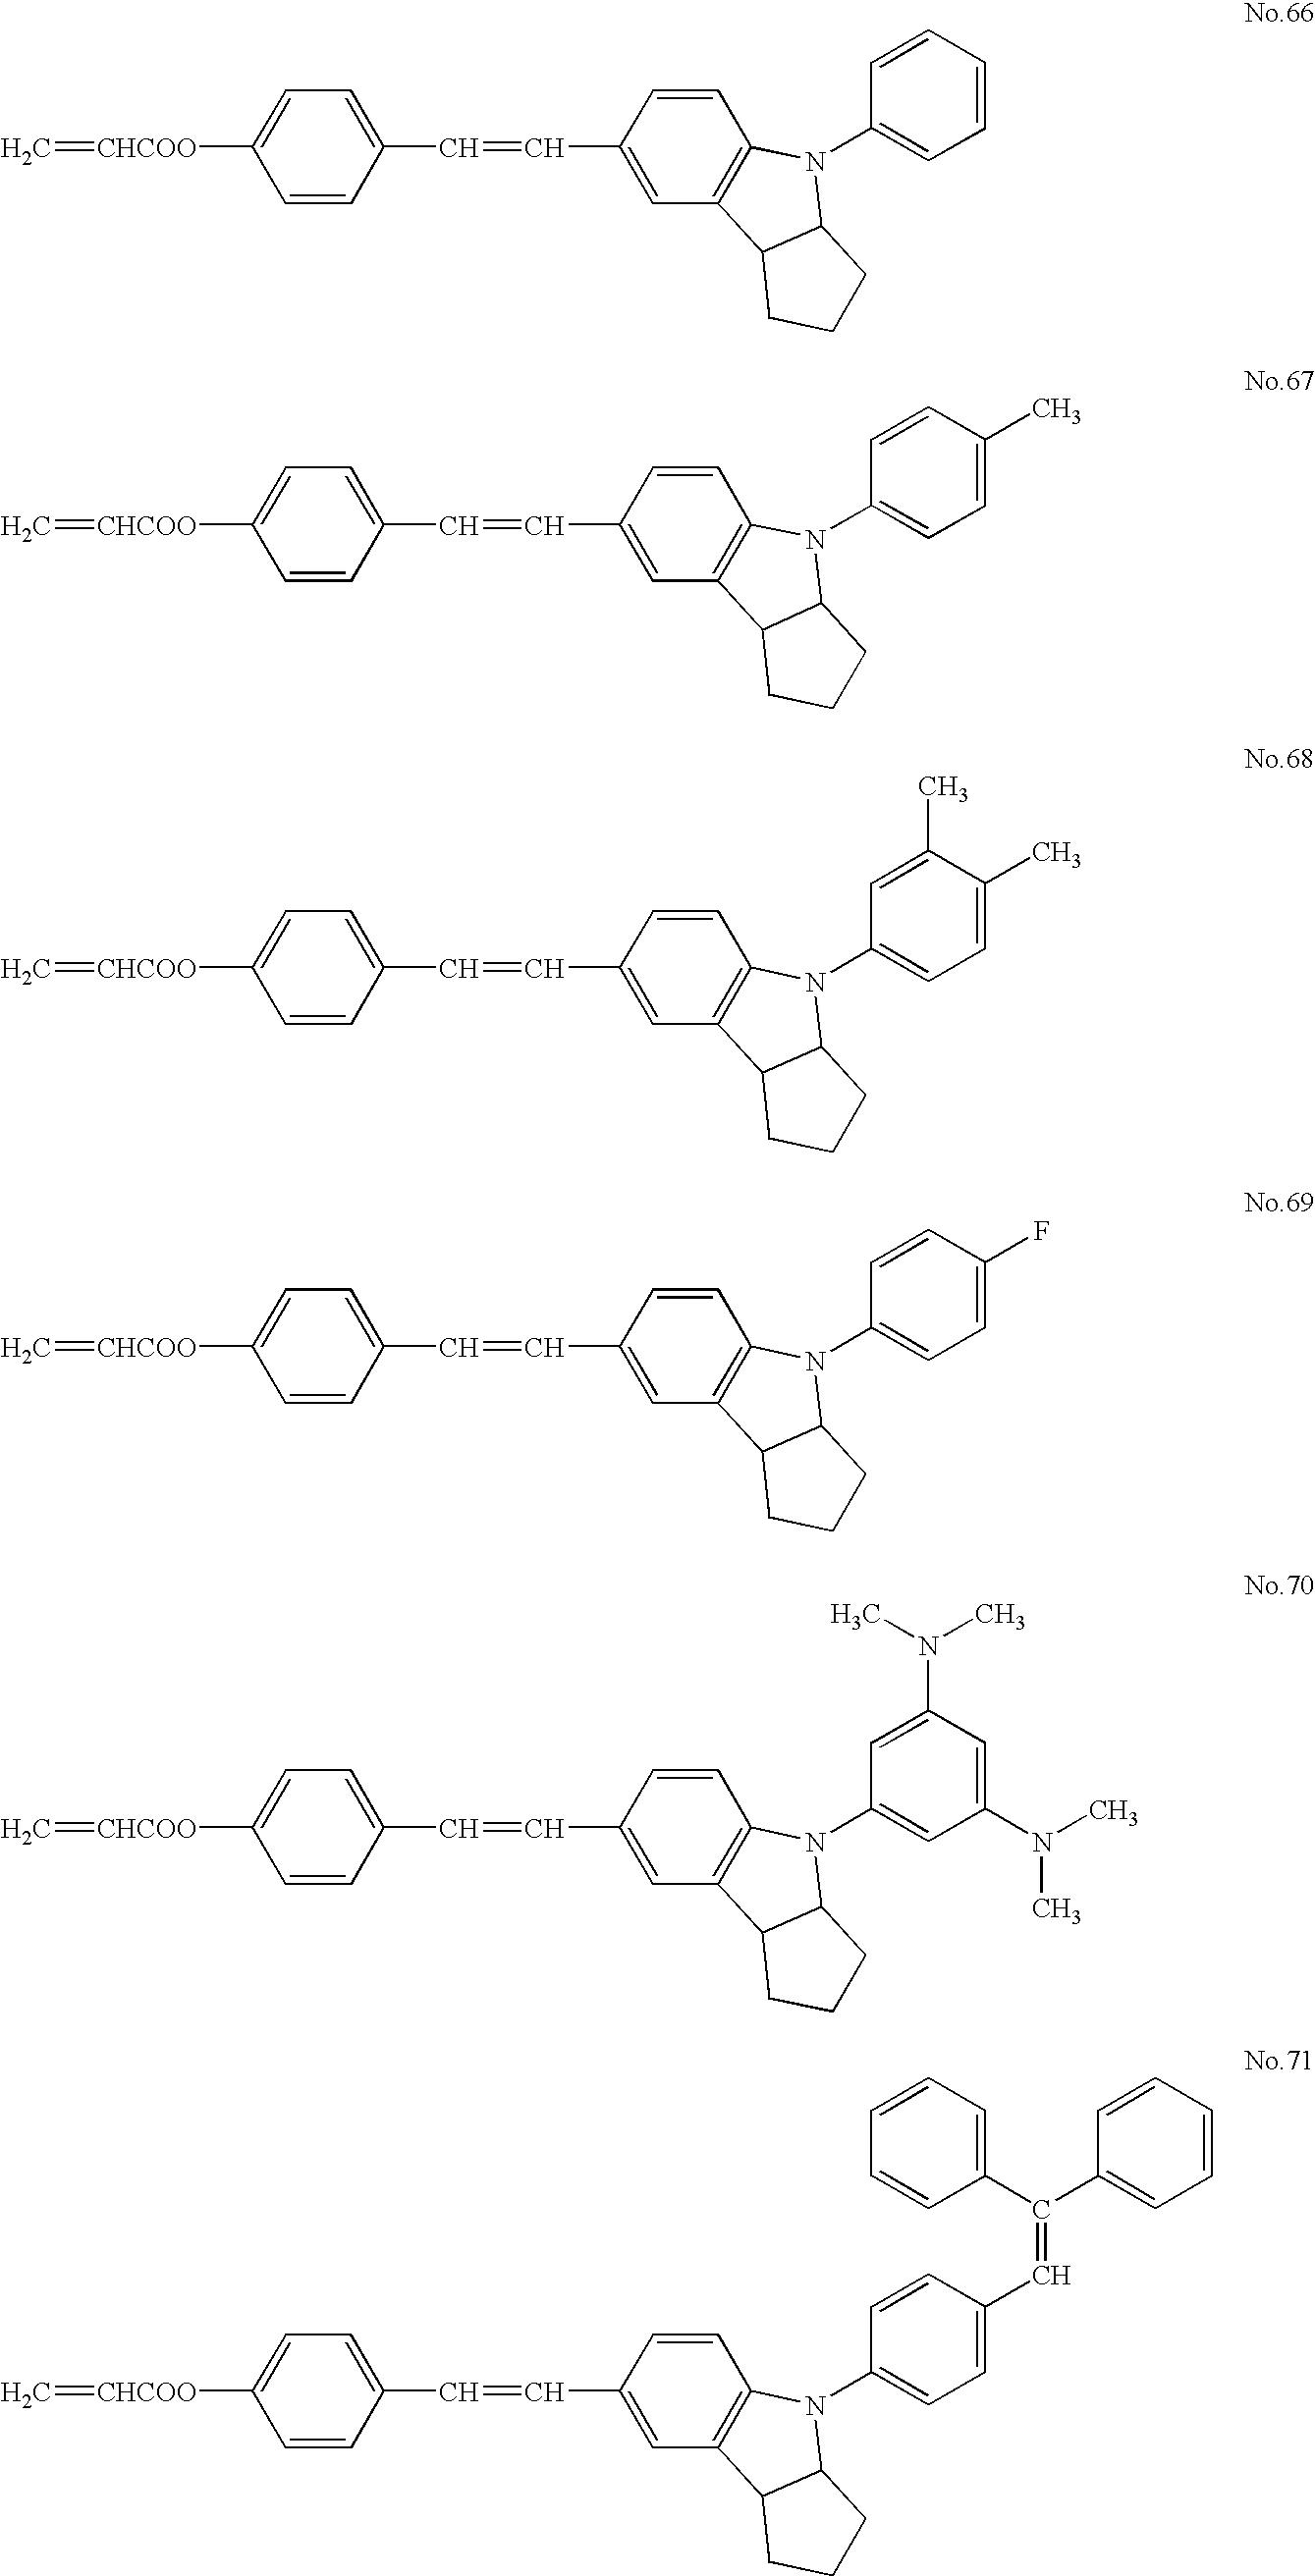 Figure US20060078809A1-20060413-C00019